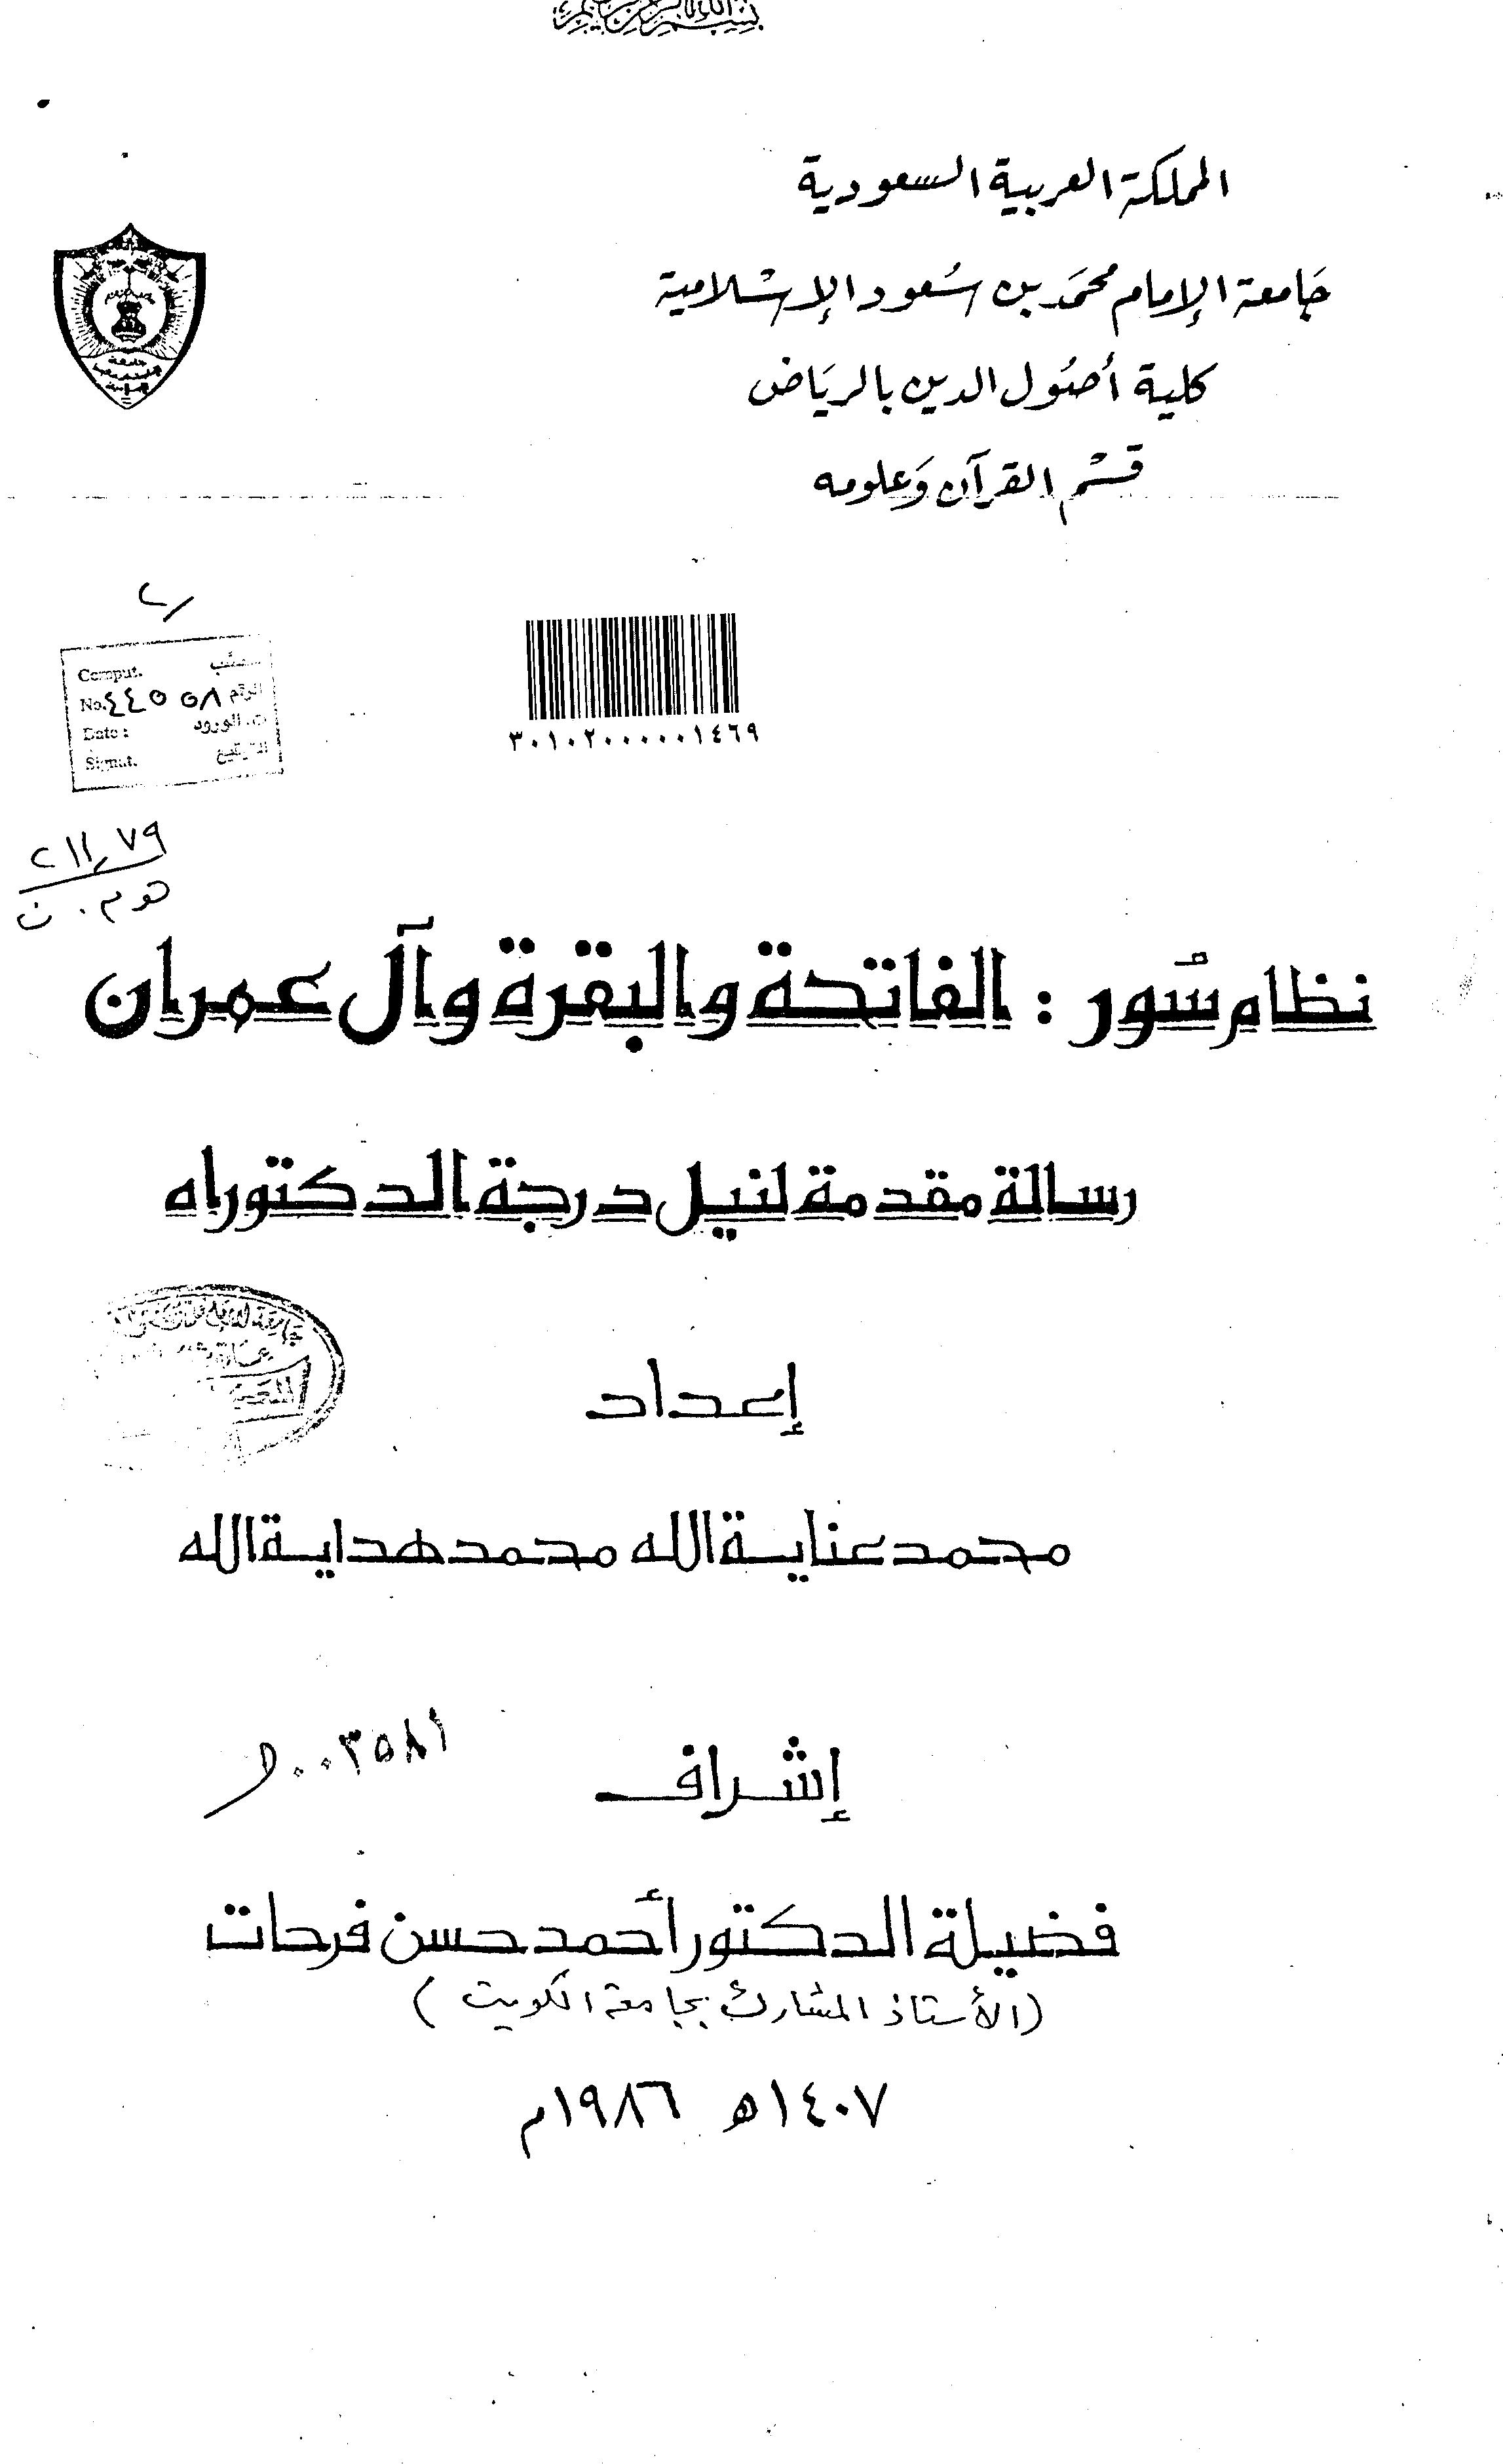 تحميل كتاب نظام سور الفاتحة والبقرة وآل عمران لـِ: الدكتور محمد عناية الله محمد هداية الله